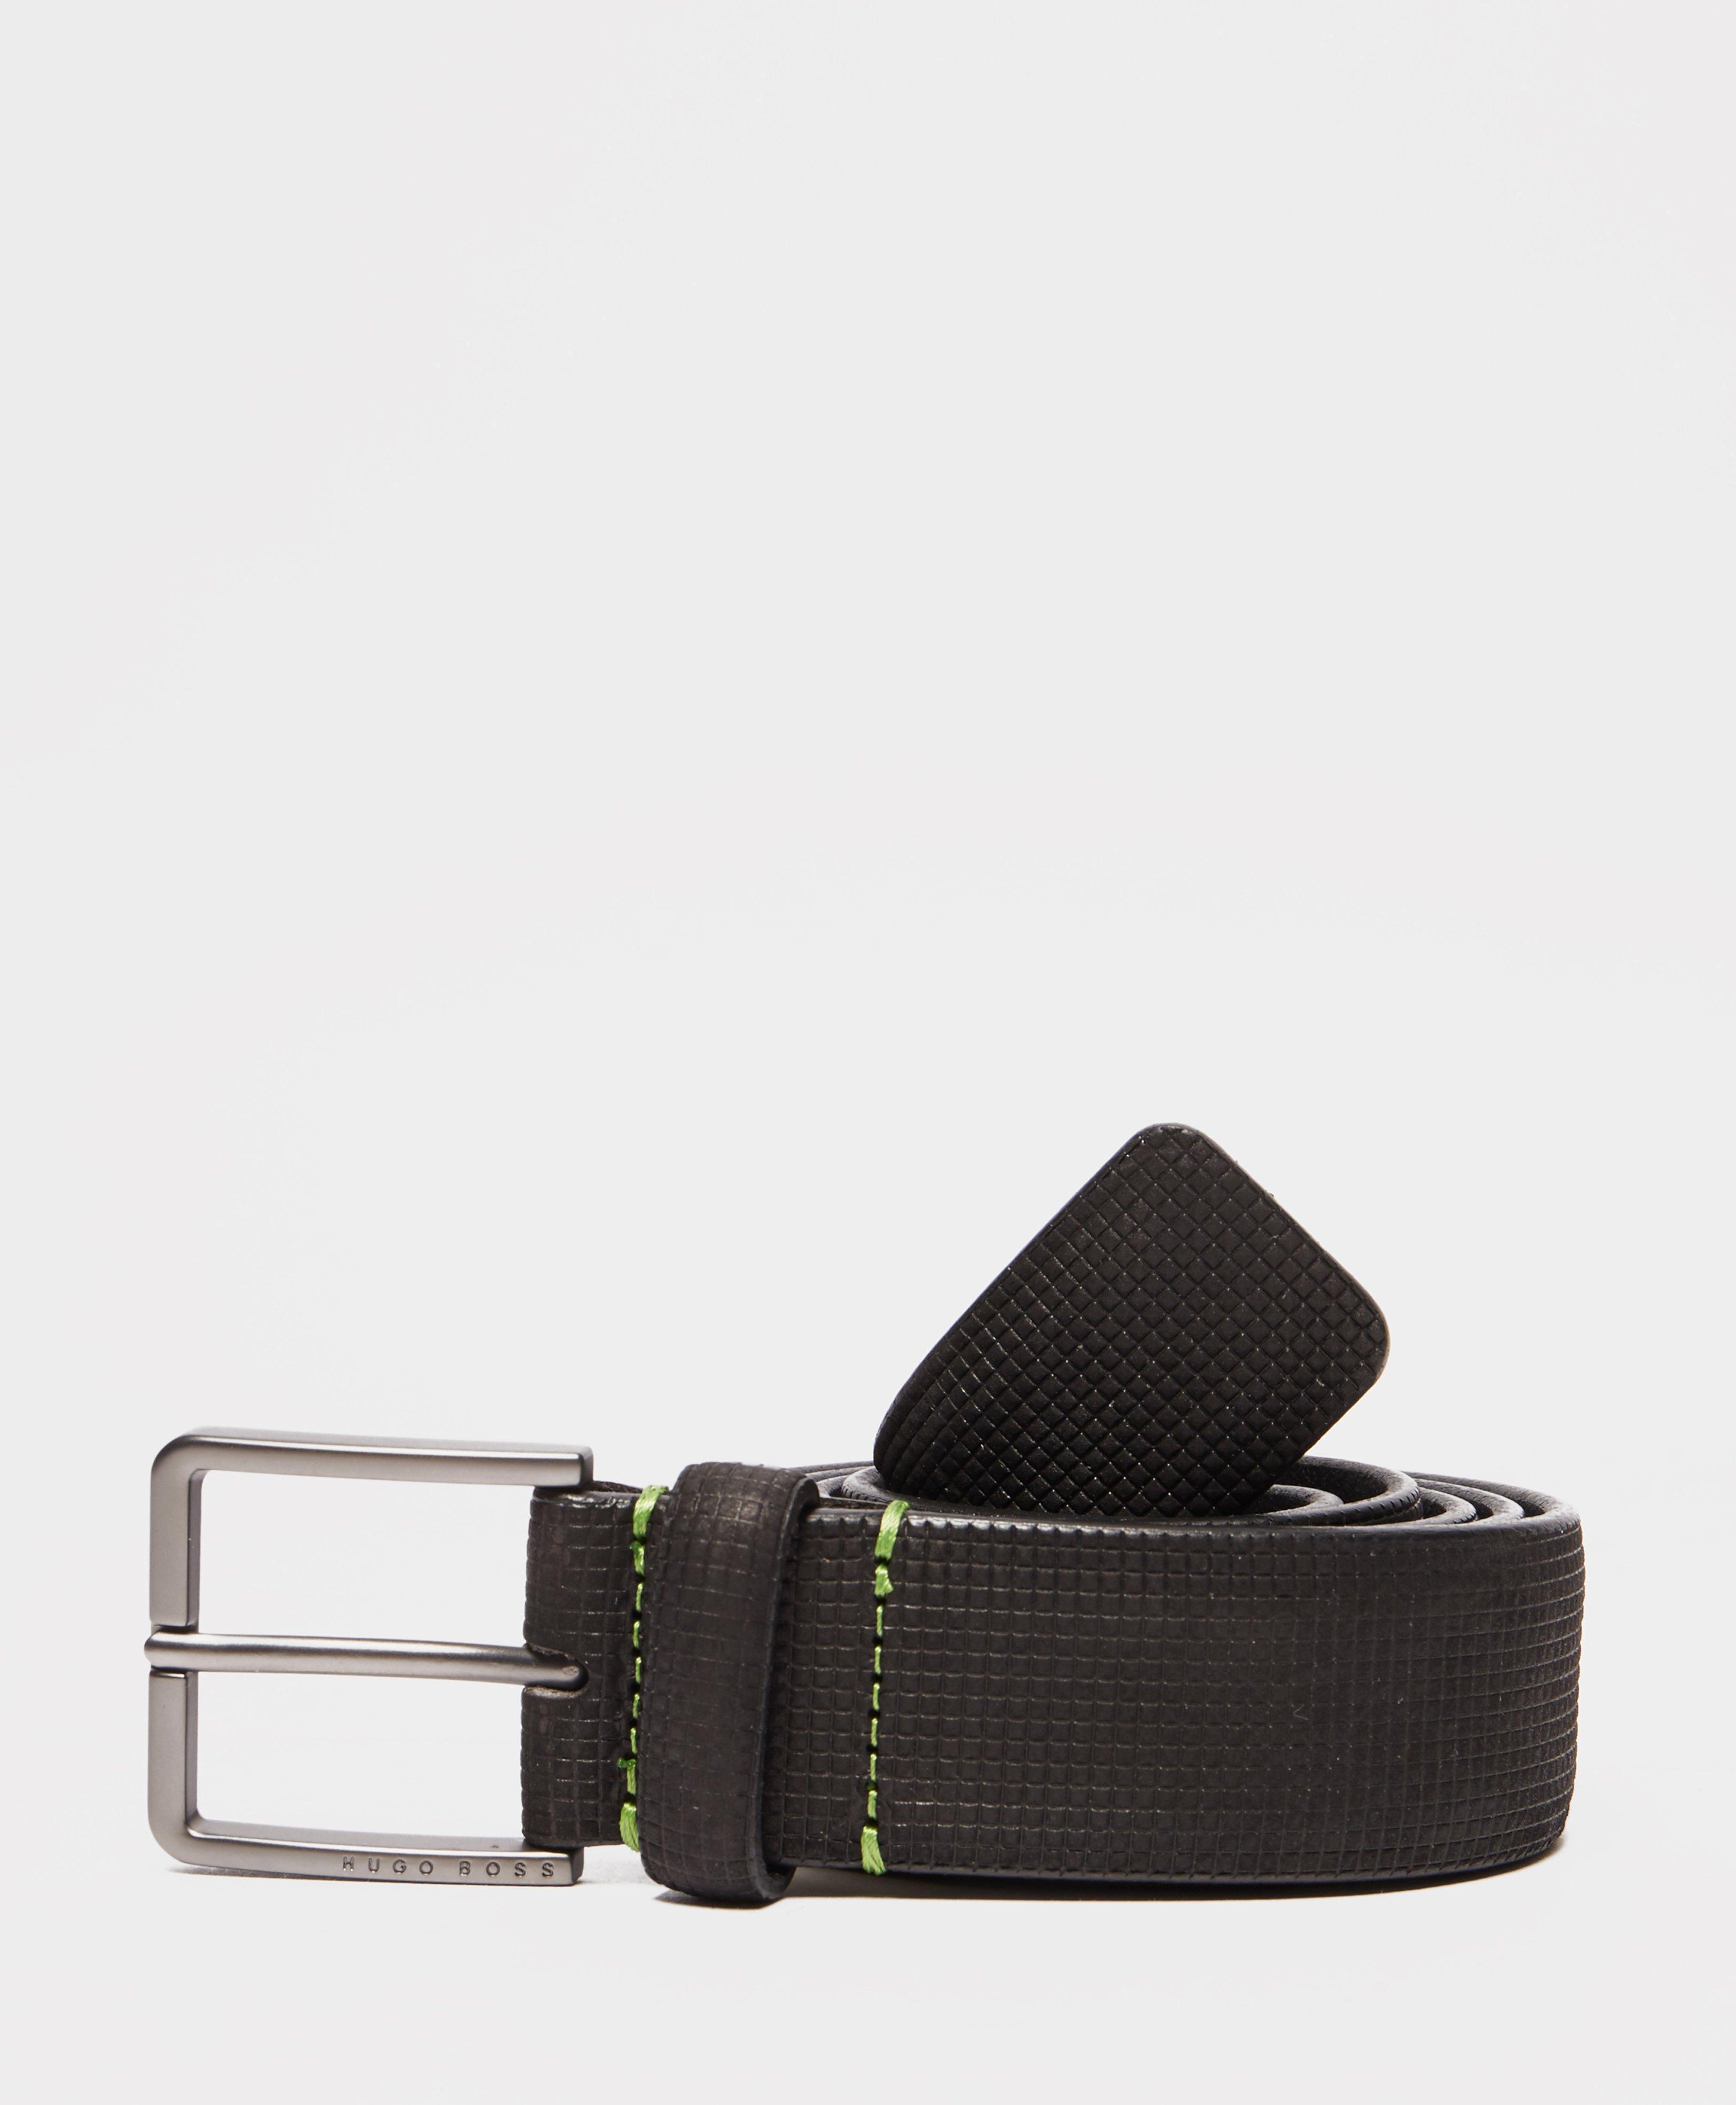 Lyst - BOSS Theres Belt for Men d2a01d2d476